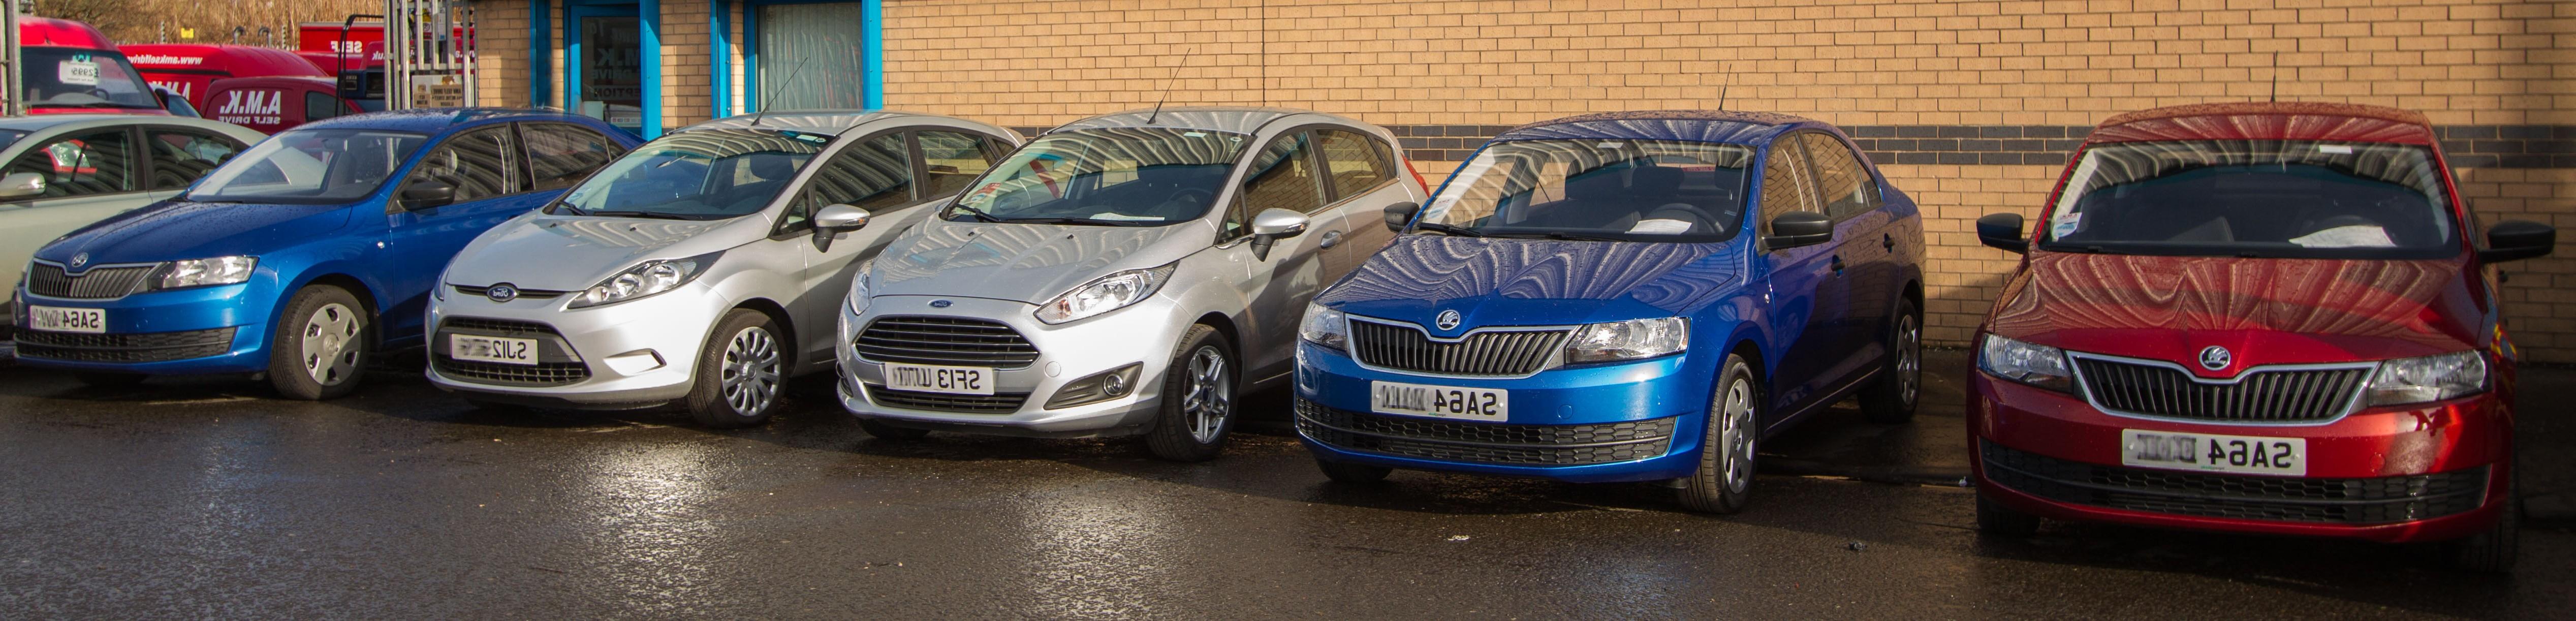 Glasgow Scotland Rental Cars